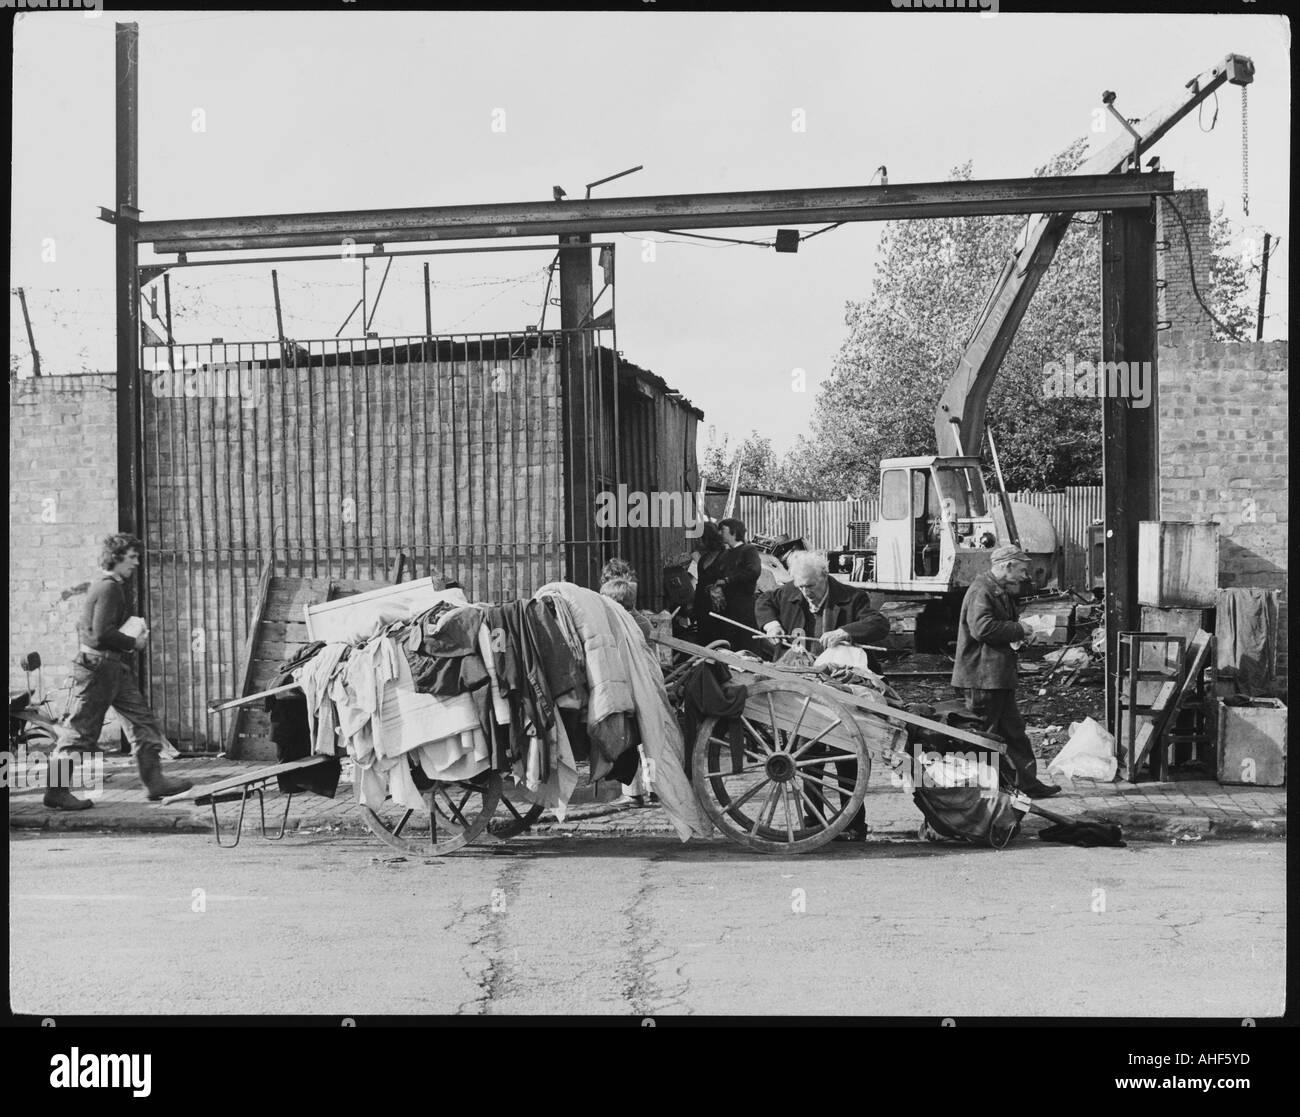 Scrap Yard 1970s - Stock Image